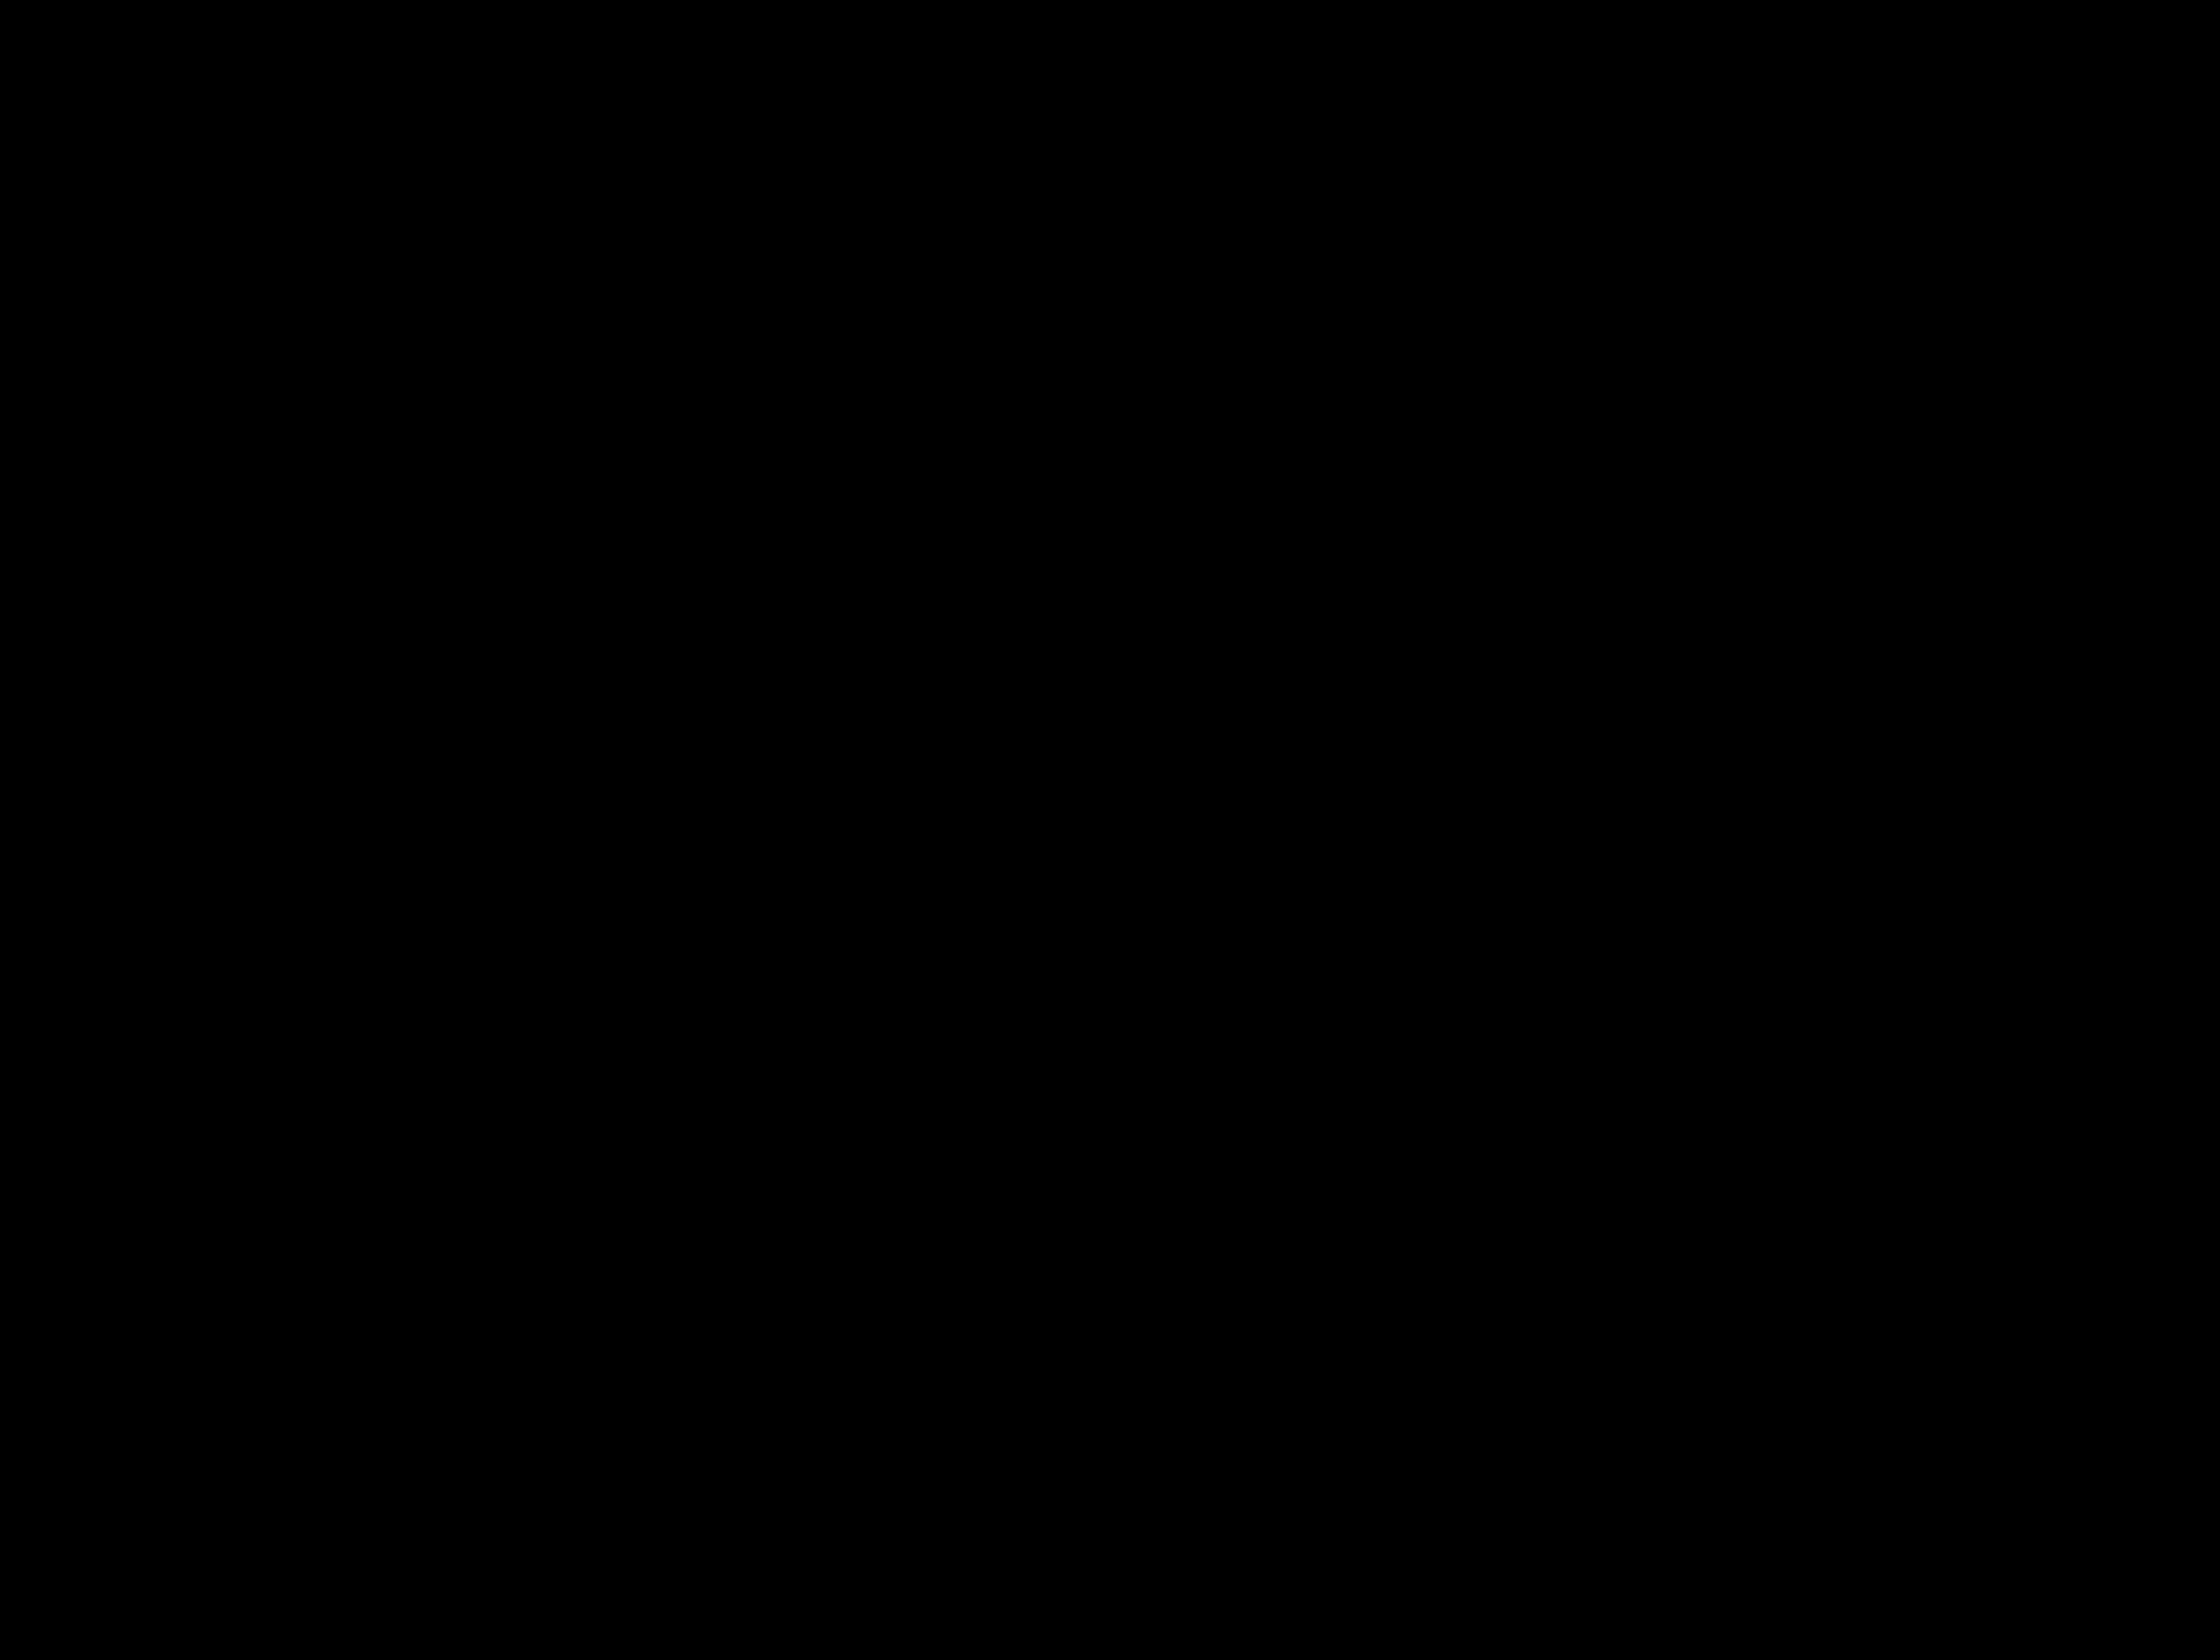 Штатная камера заднего вида Suzuki SX4 (Hatchback)